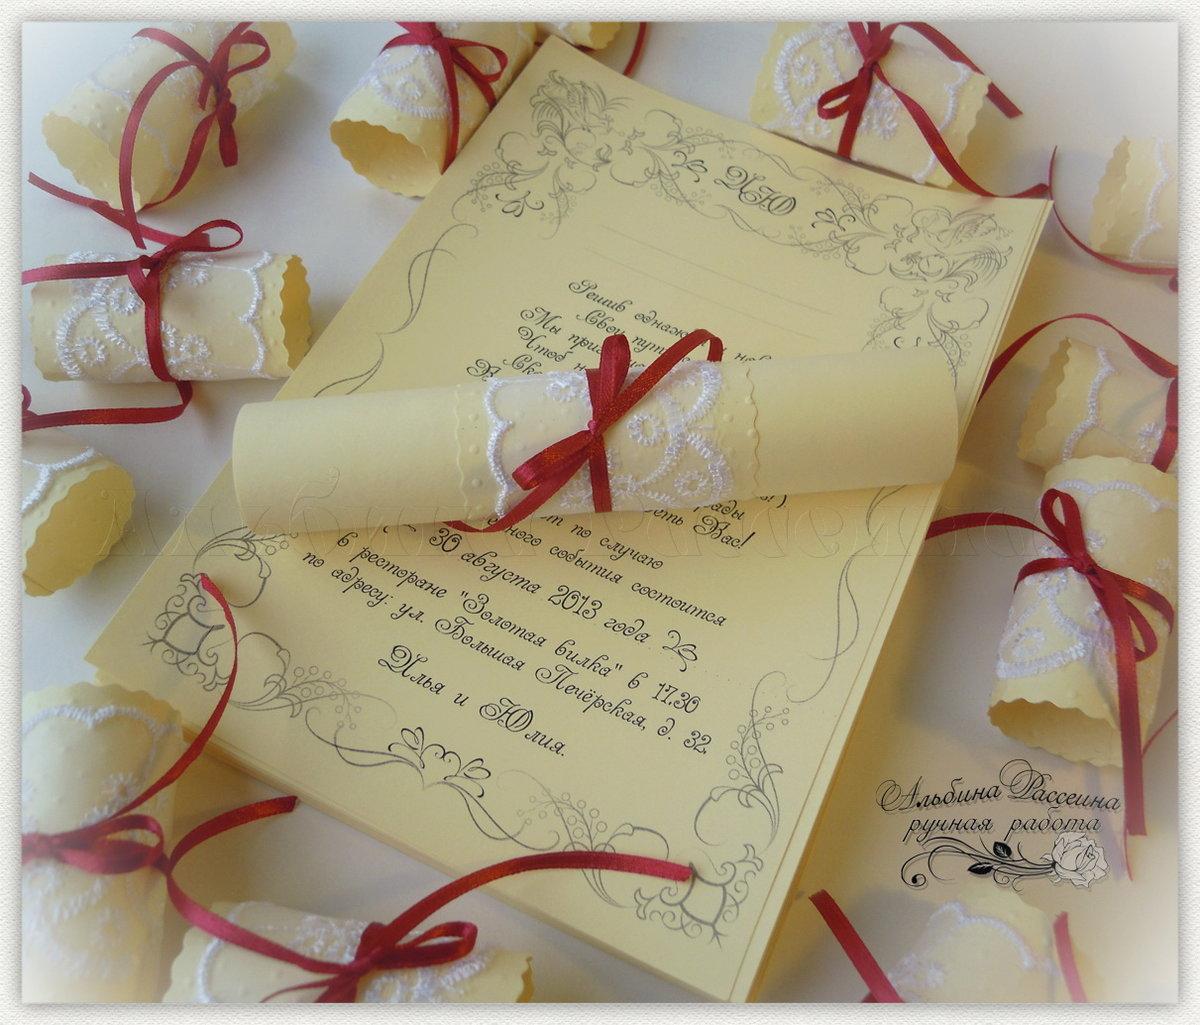 Пригласительные на свадьбу своими руками шаблоны фото текст